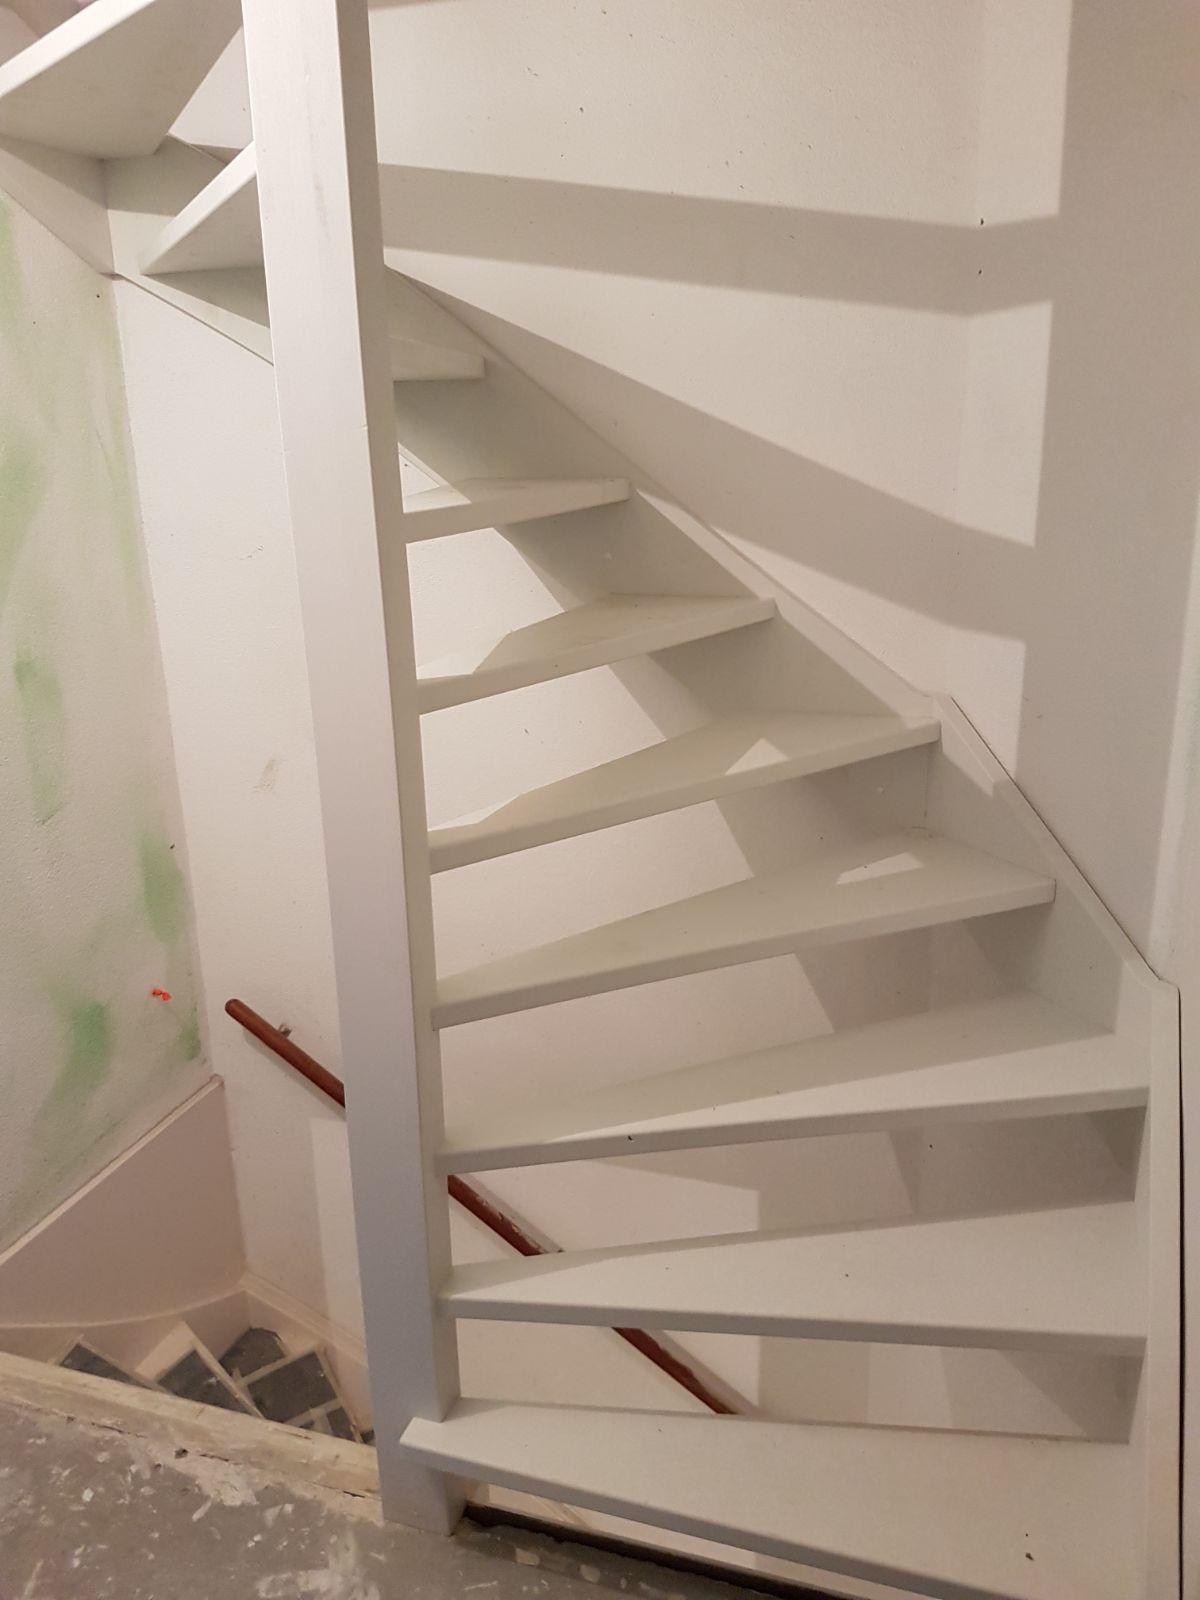 Soorten houten trappen trap in beeld trap naar zolder for Trap plaatsen naar zolder